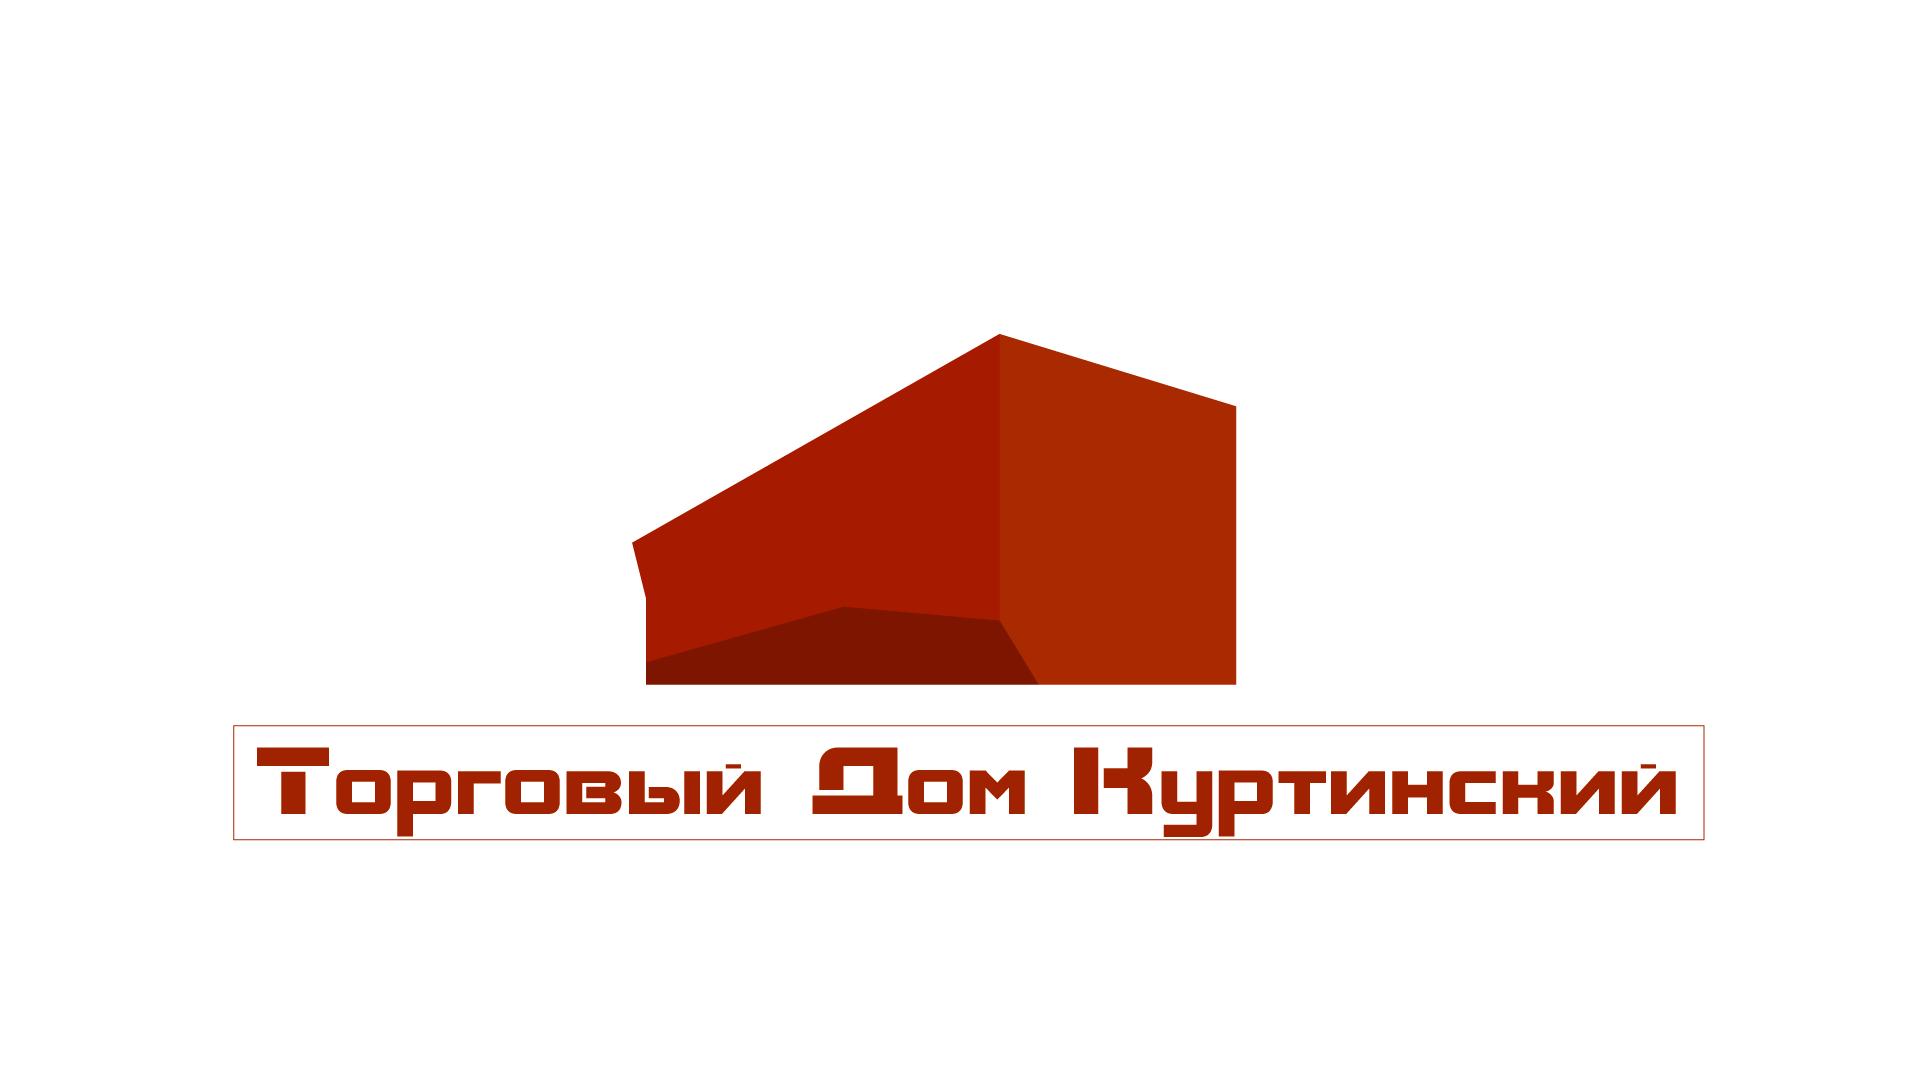 Логотип для камнедобывающей компании фото f_5875b9bd642965e4.png